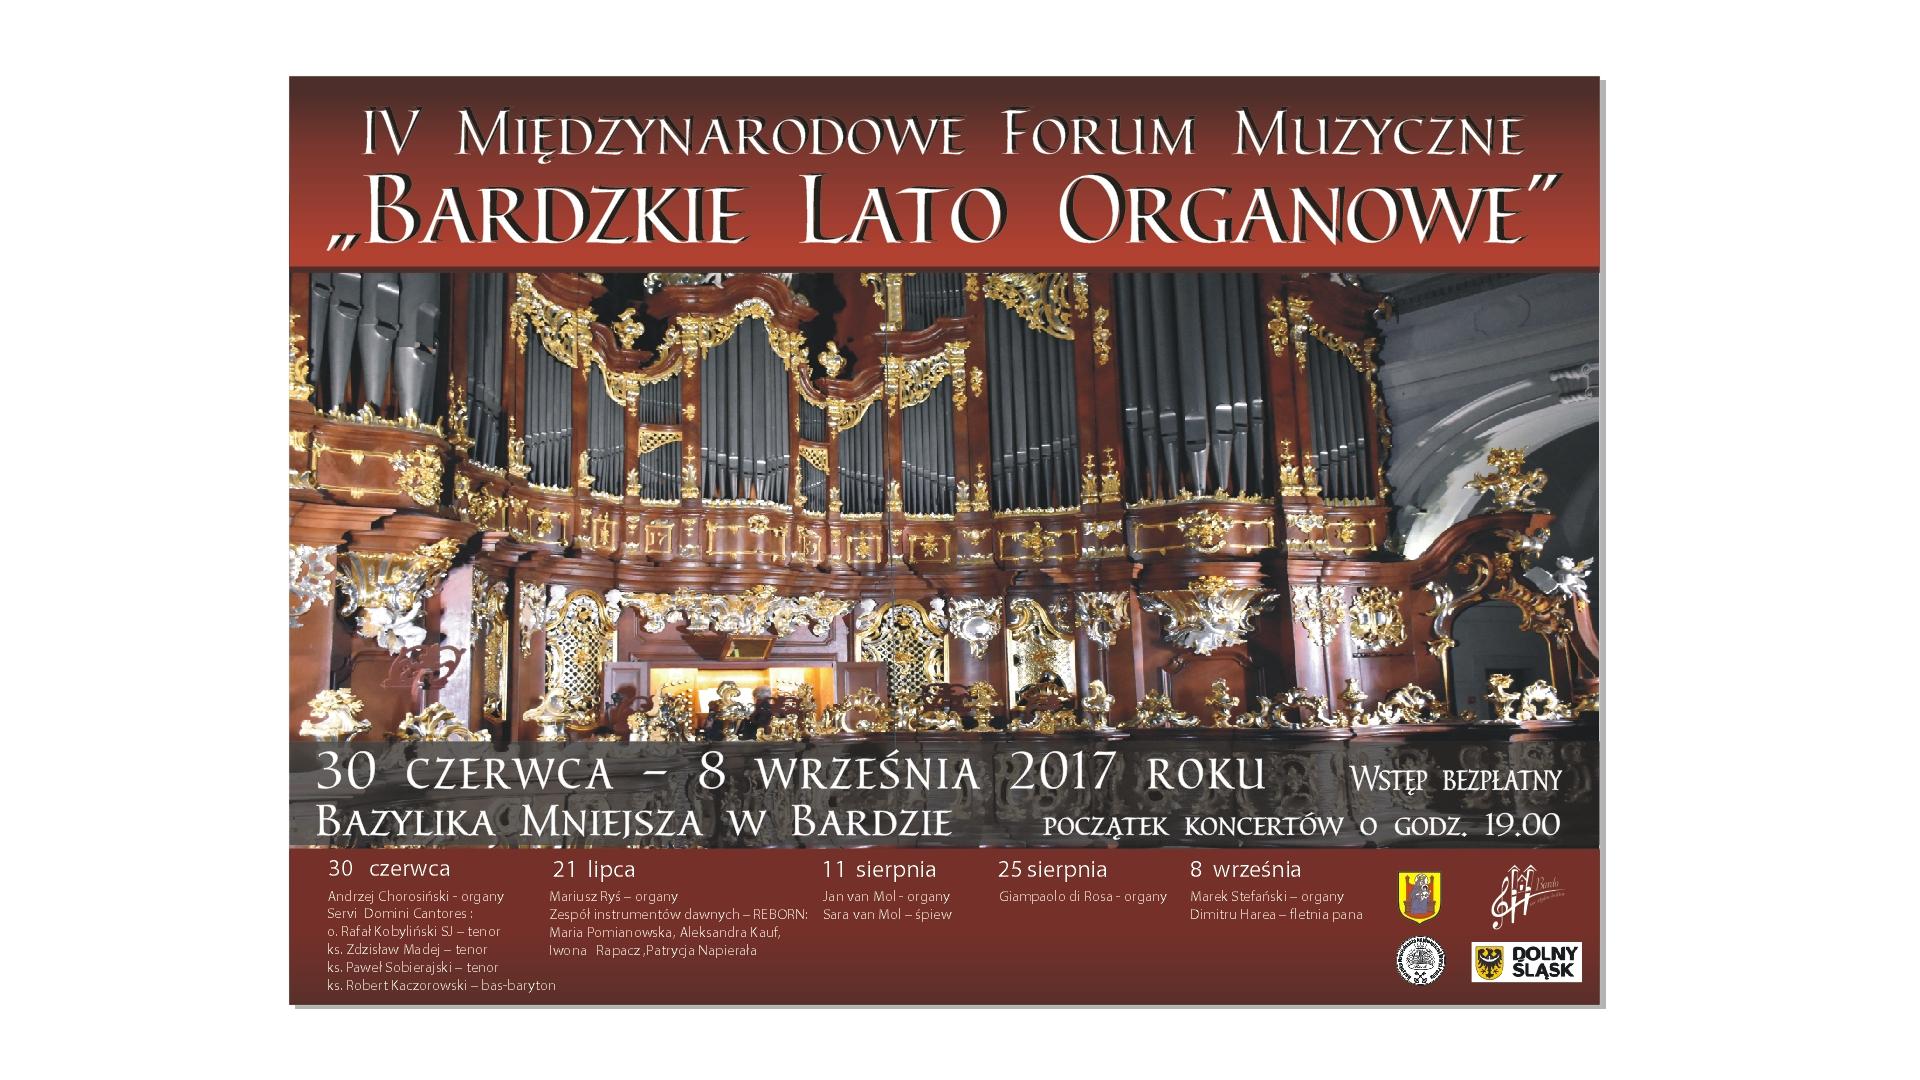 plakat lato organowe 2017 v2